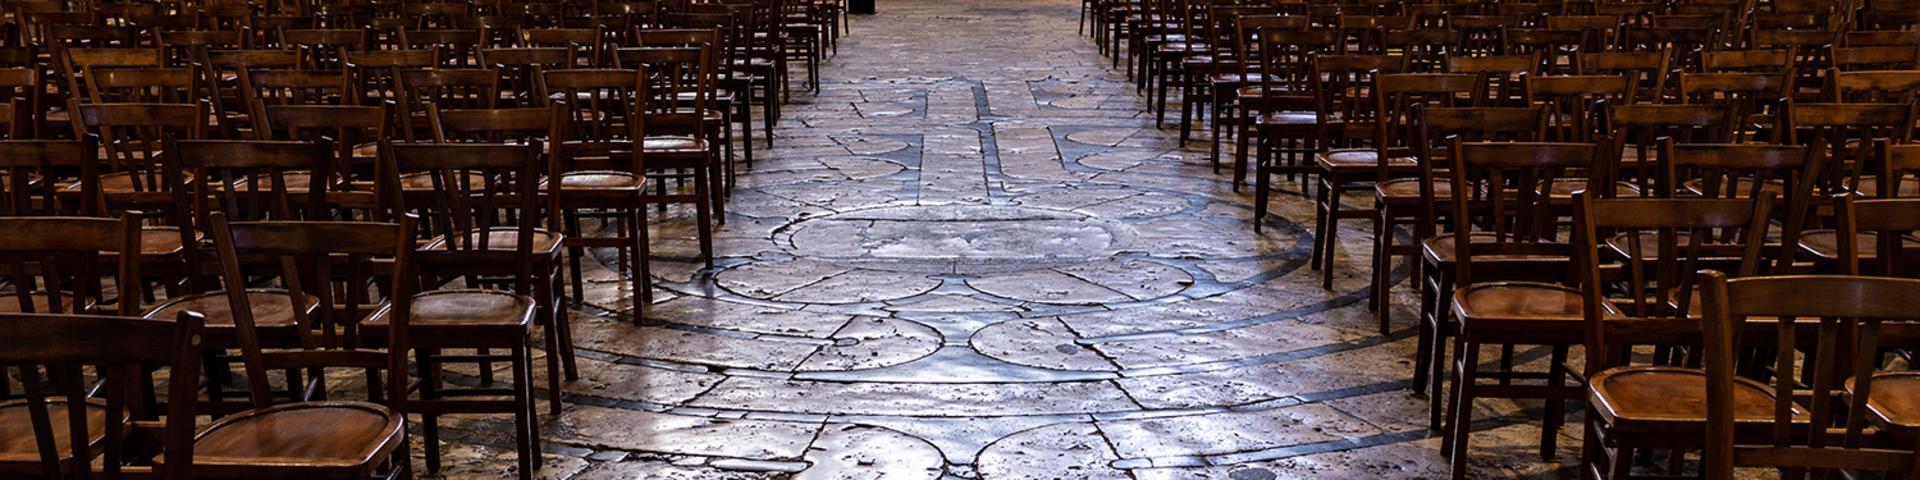 Travée de la nef de la cathédrale de Chartres